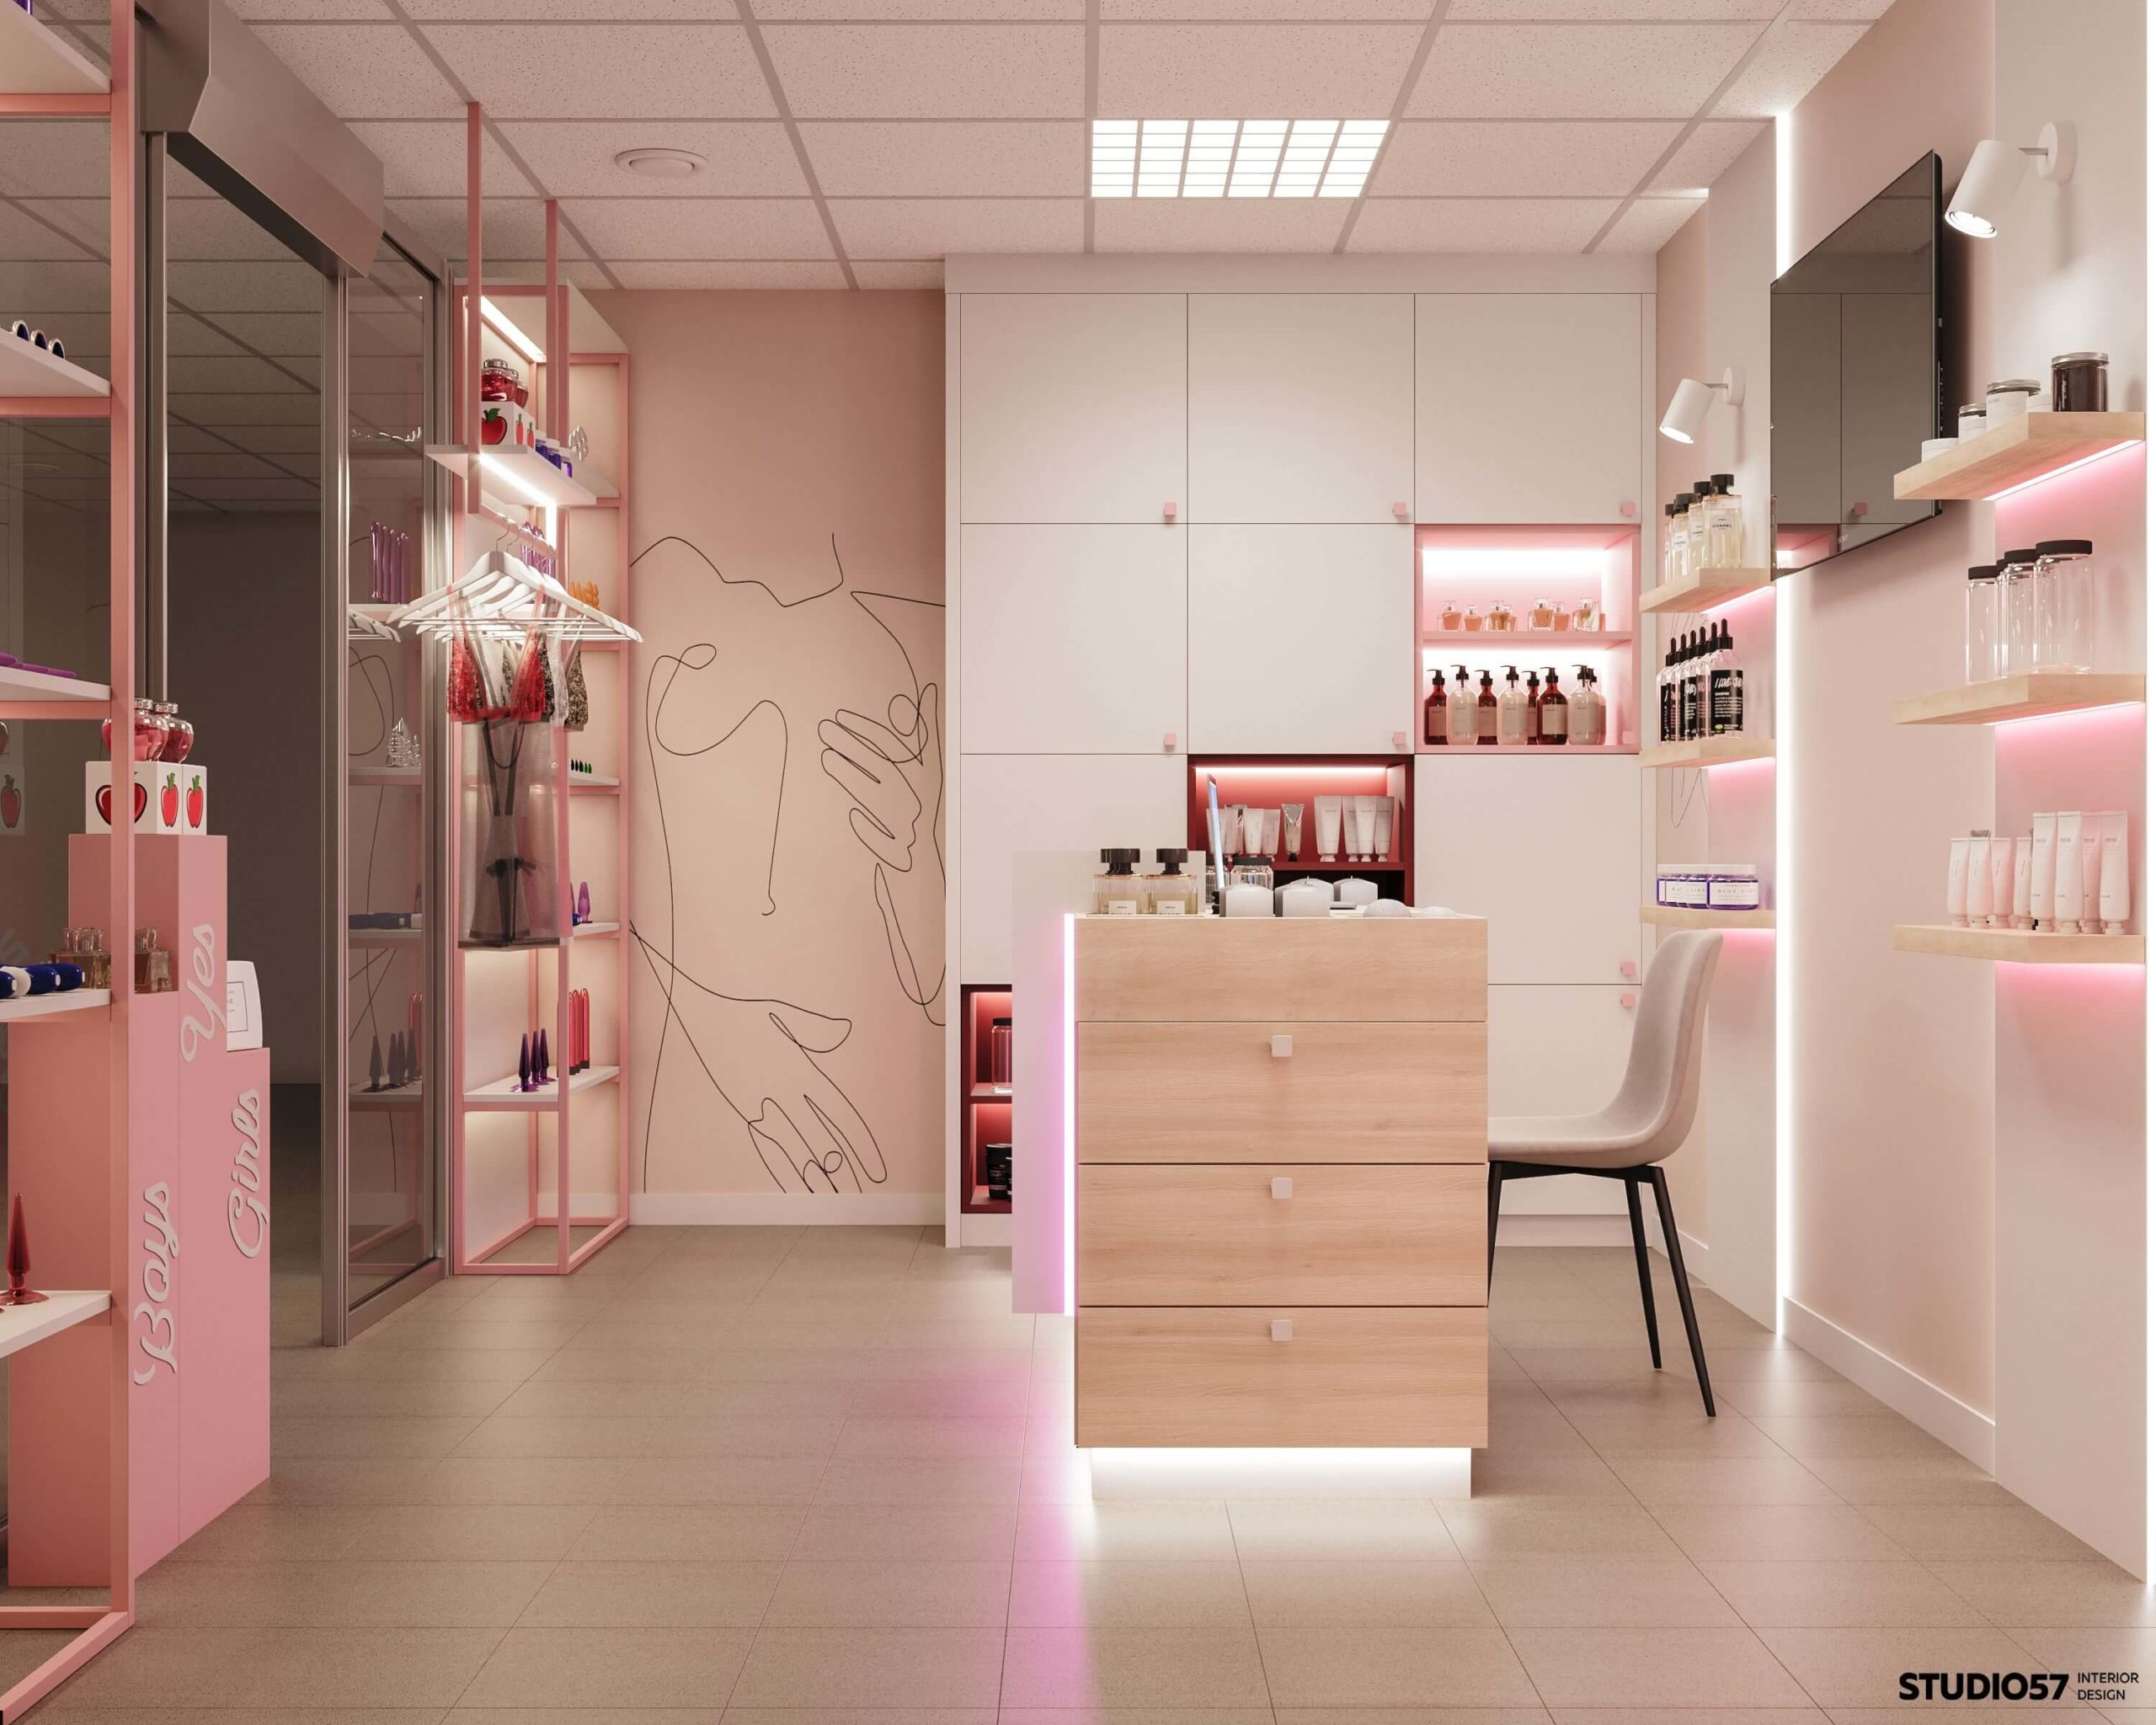 Дизайн магазина игрушек для взрослых. Вид 1.